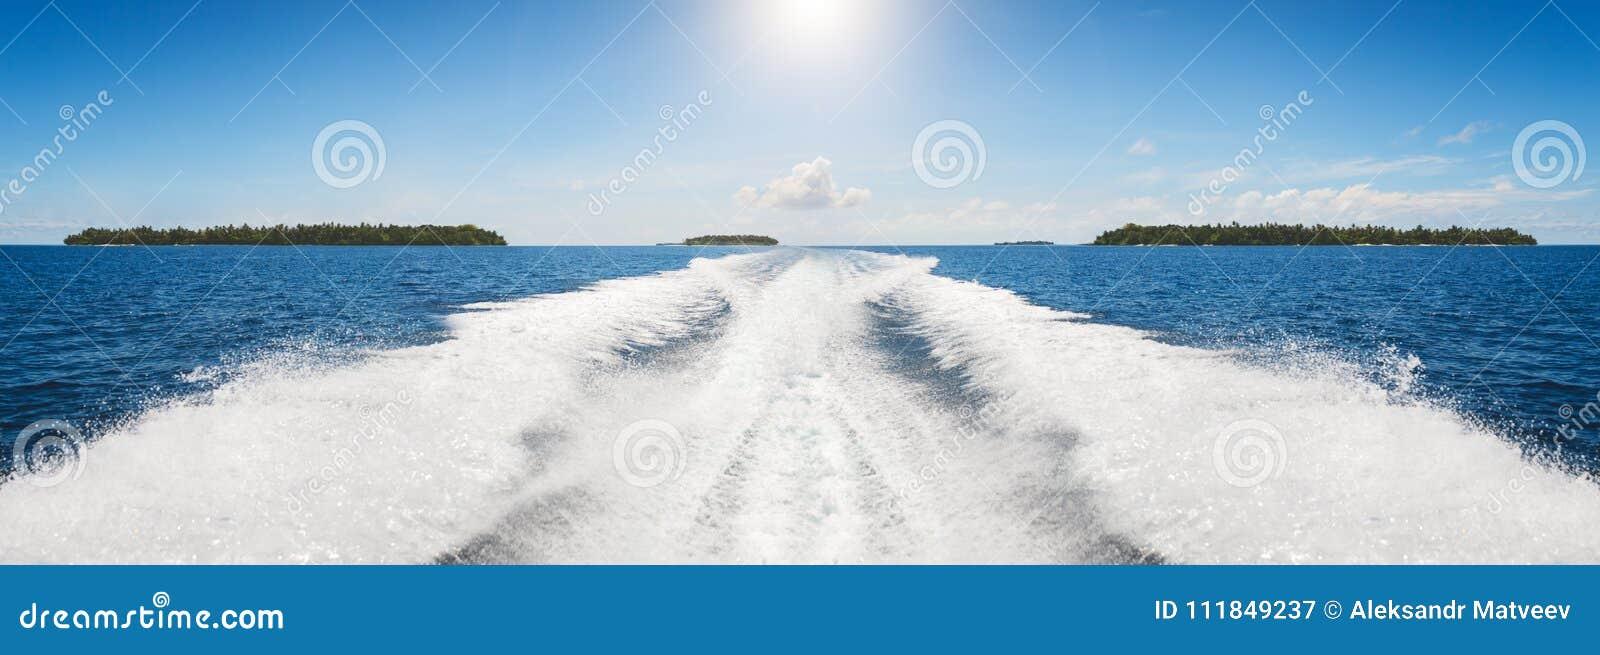 Bakgrundsvattenyttersida bakom av det snabba rörande motoriska fartyget i retro stil för tappning